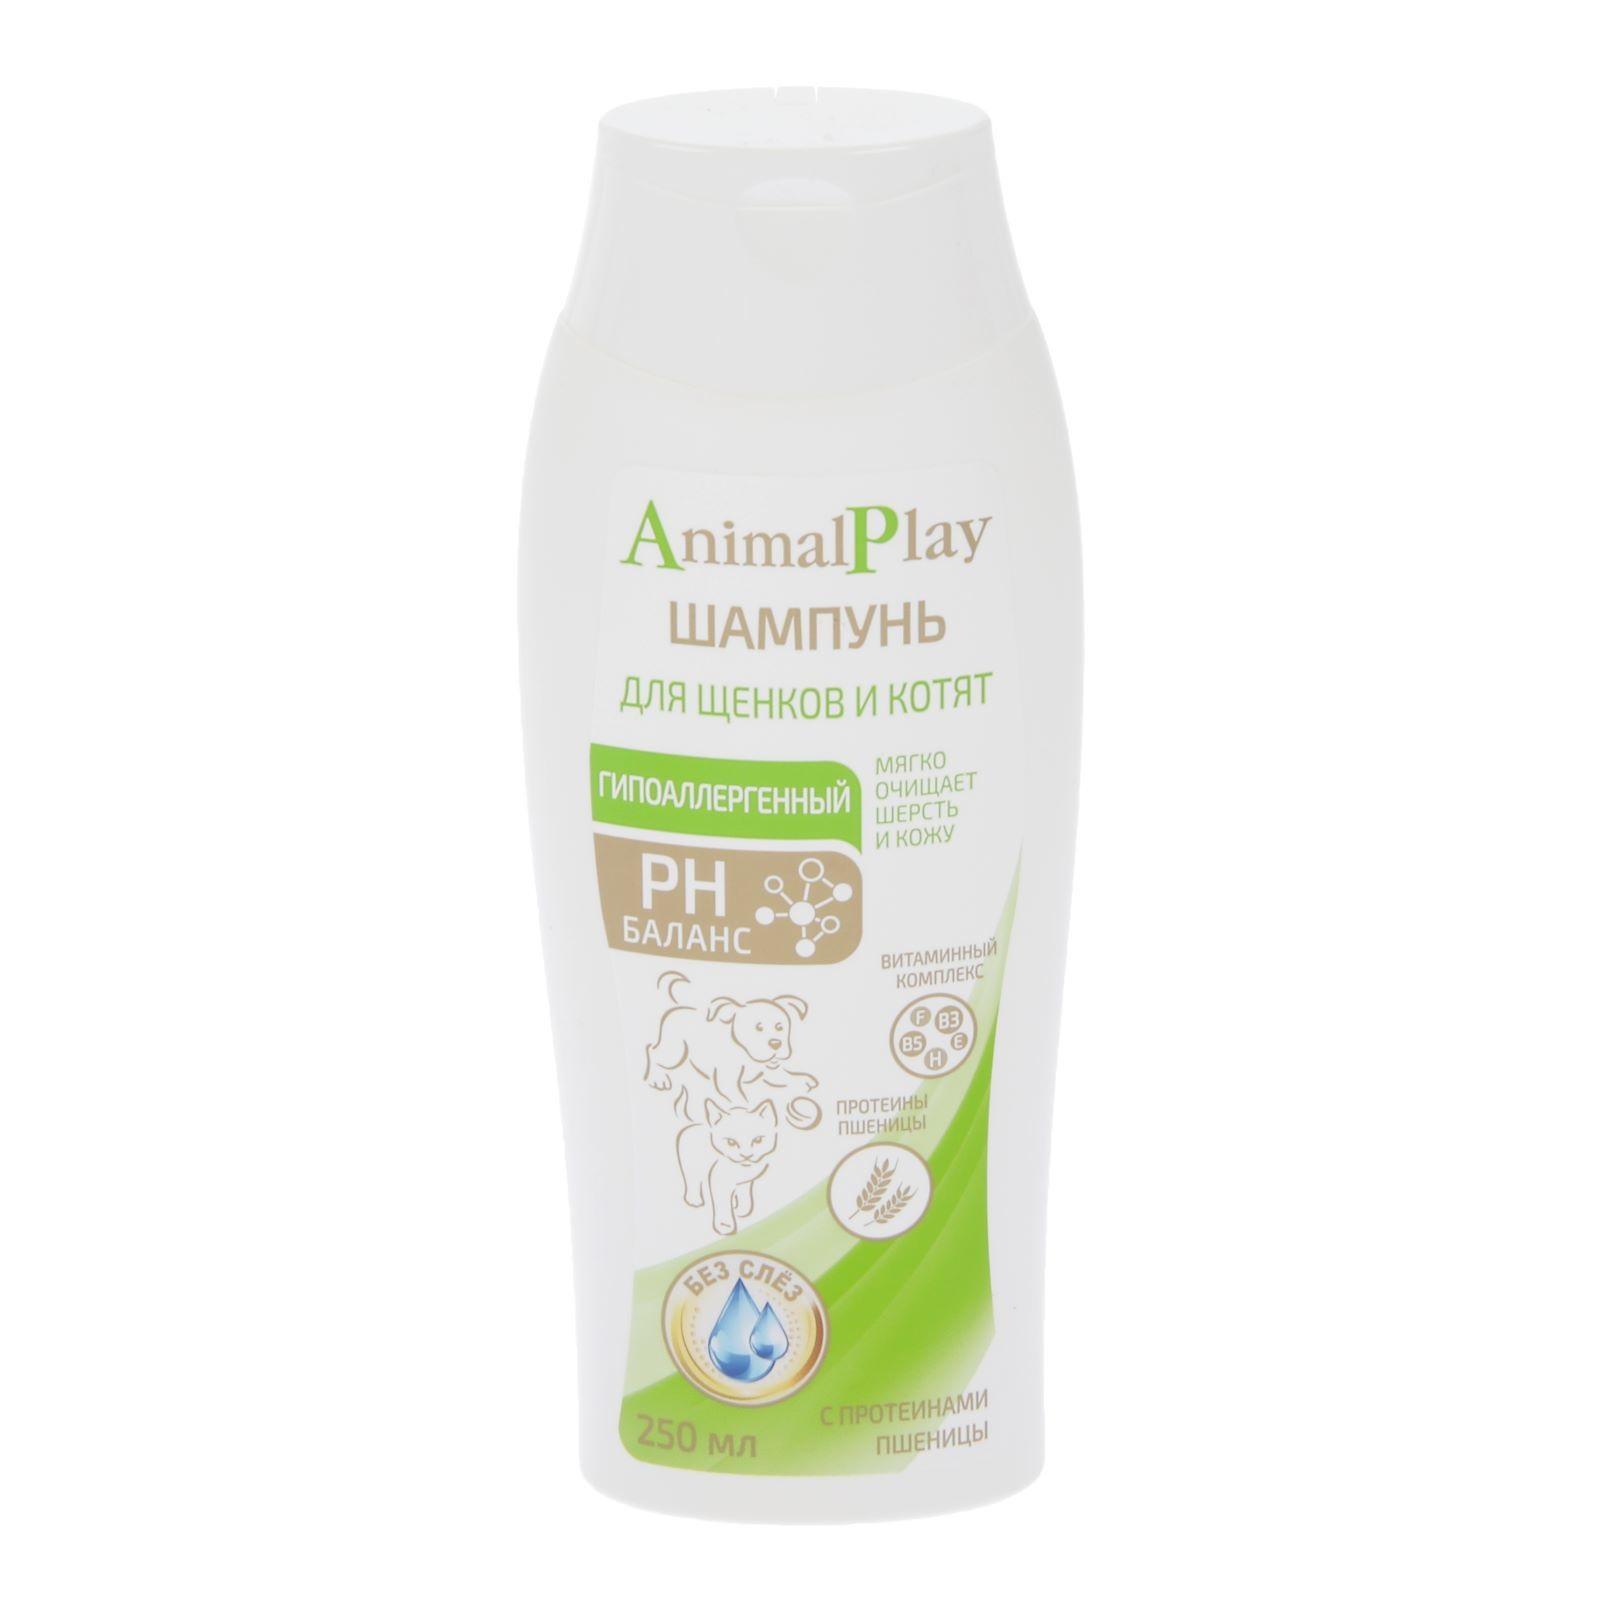 Шампунь для котят и щенков Animal Play